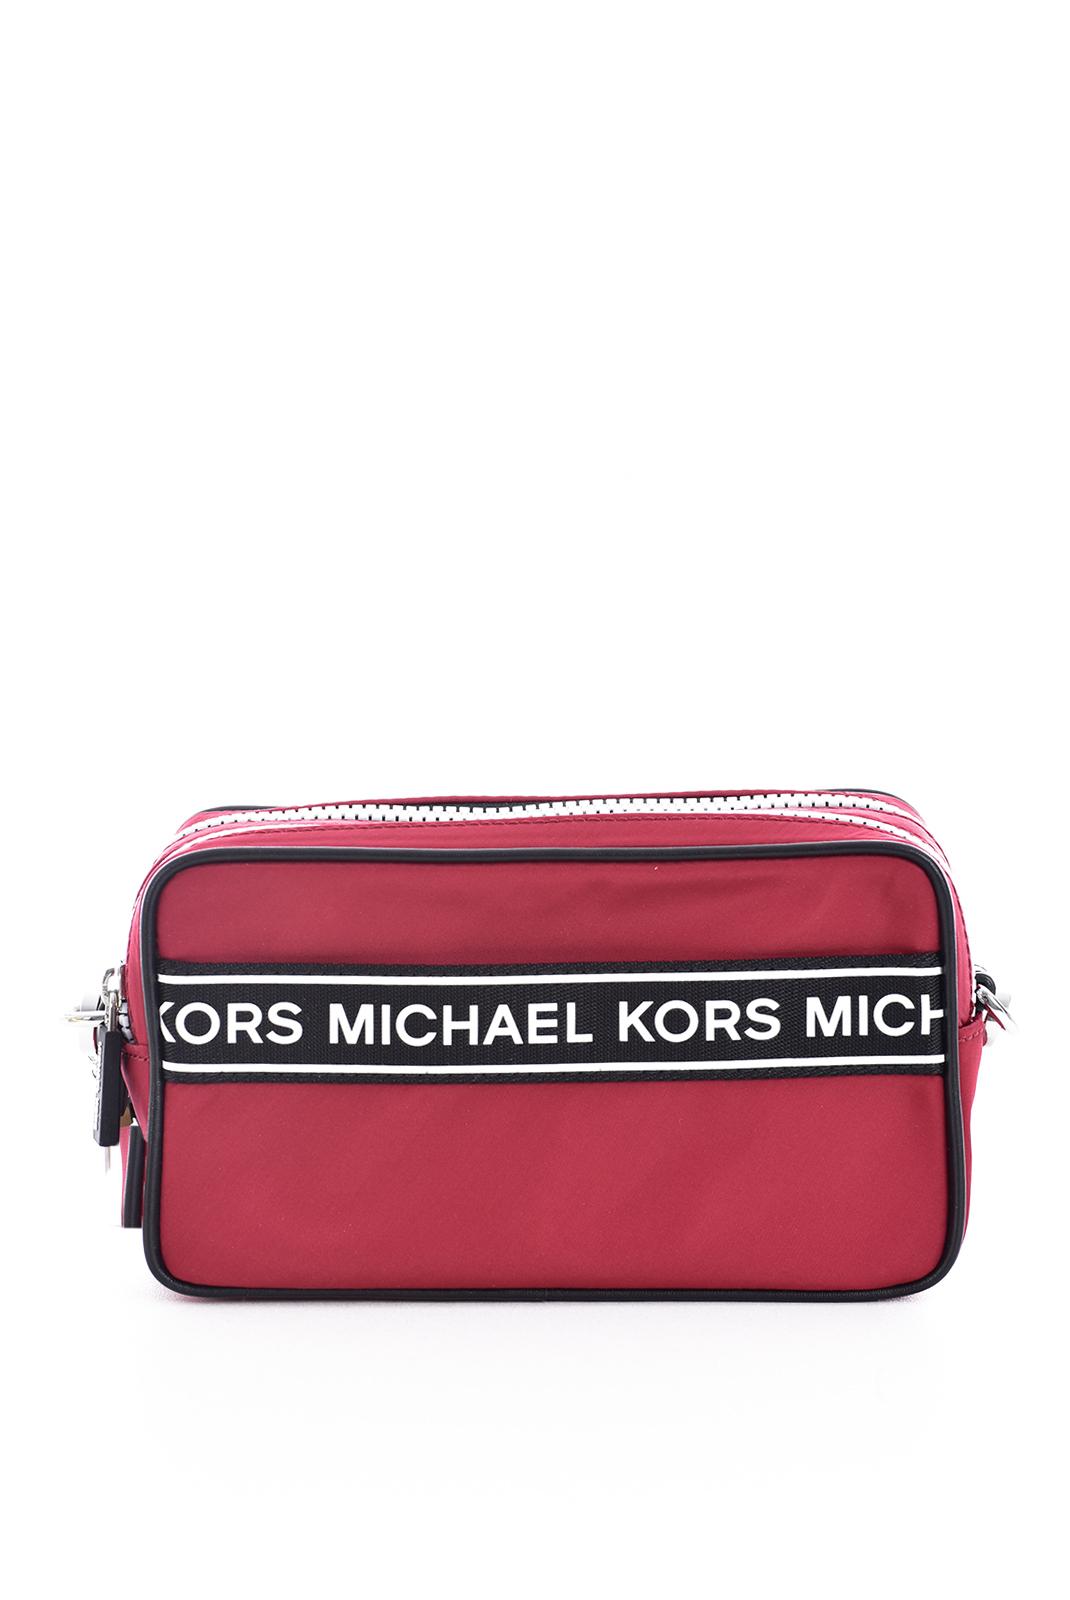 Sac porté épaule  Michael Kors 35H95Y9C5C  ROUGE